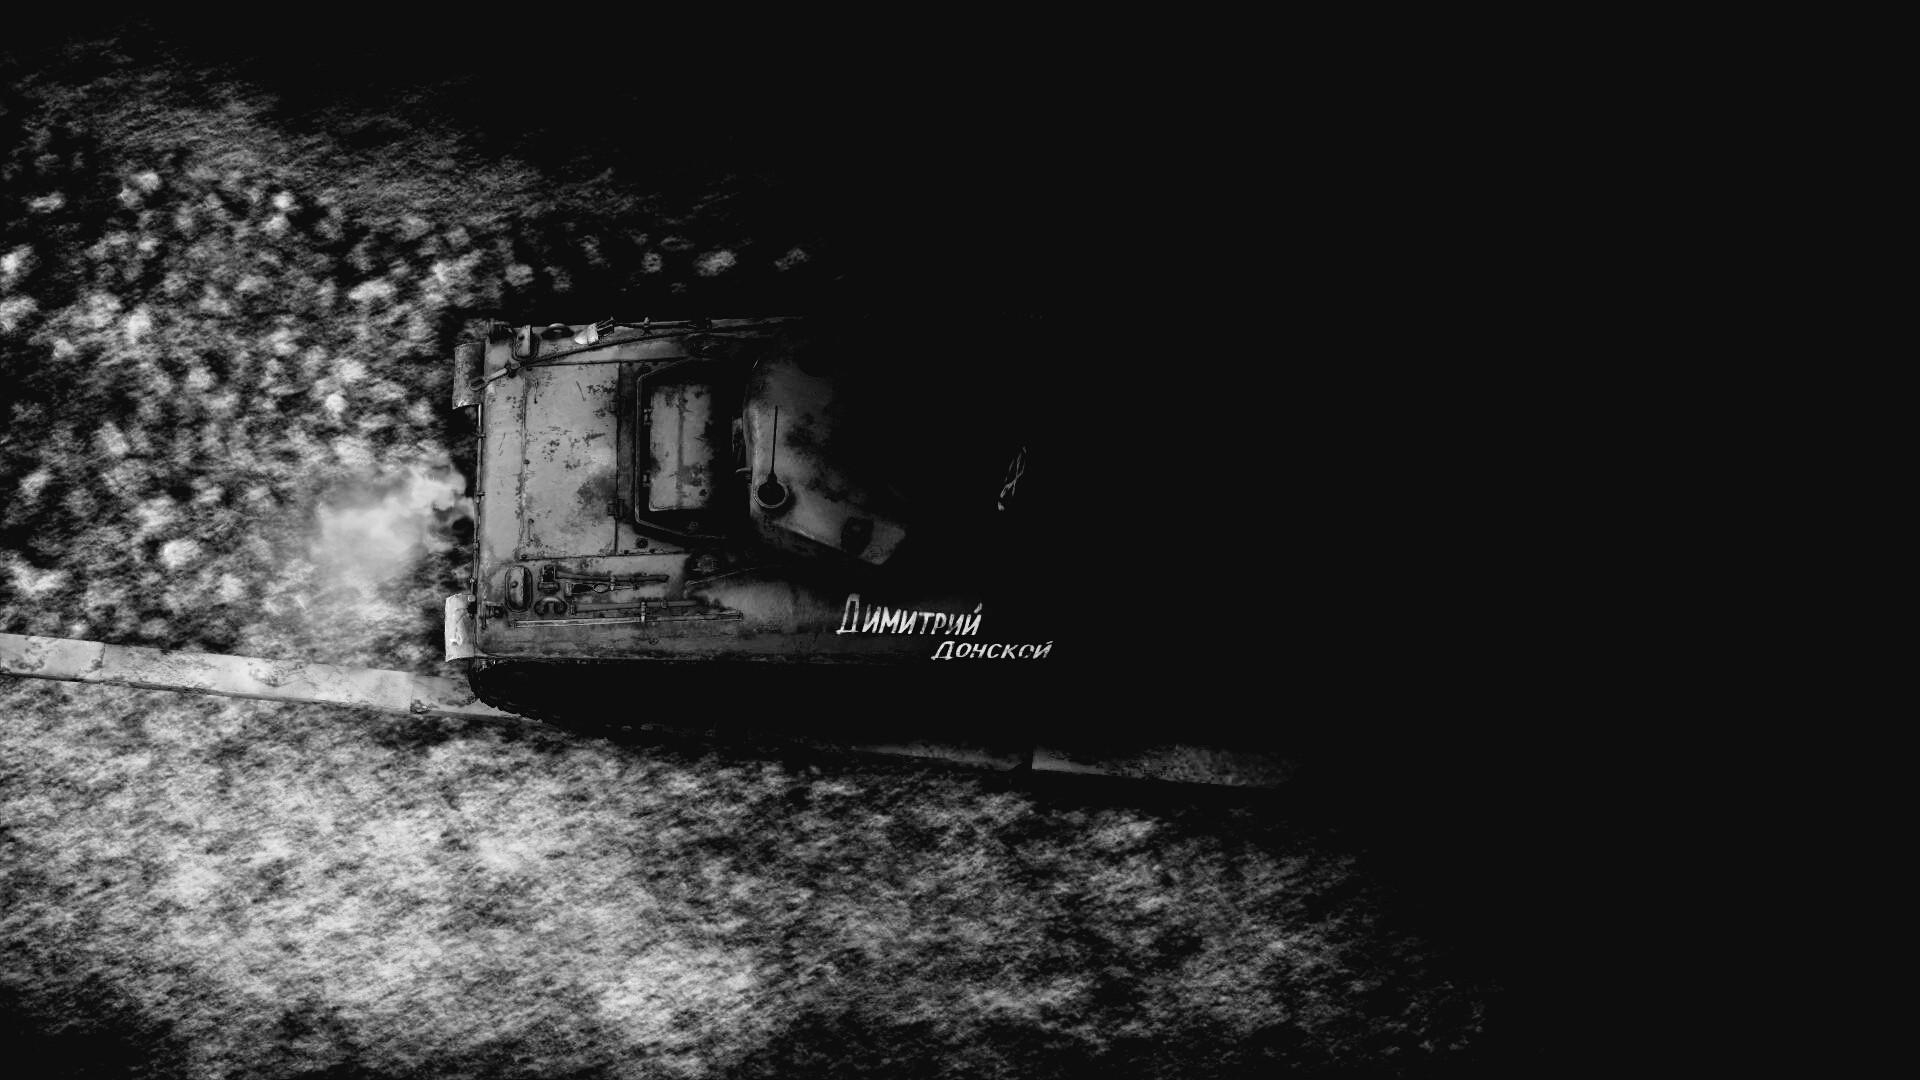 Wallpaper Tank War Thunder War Of The Worlds World War Ii